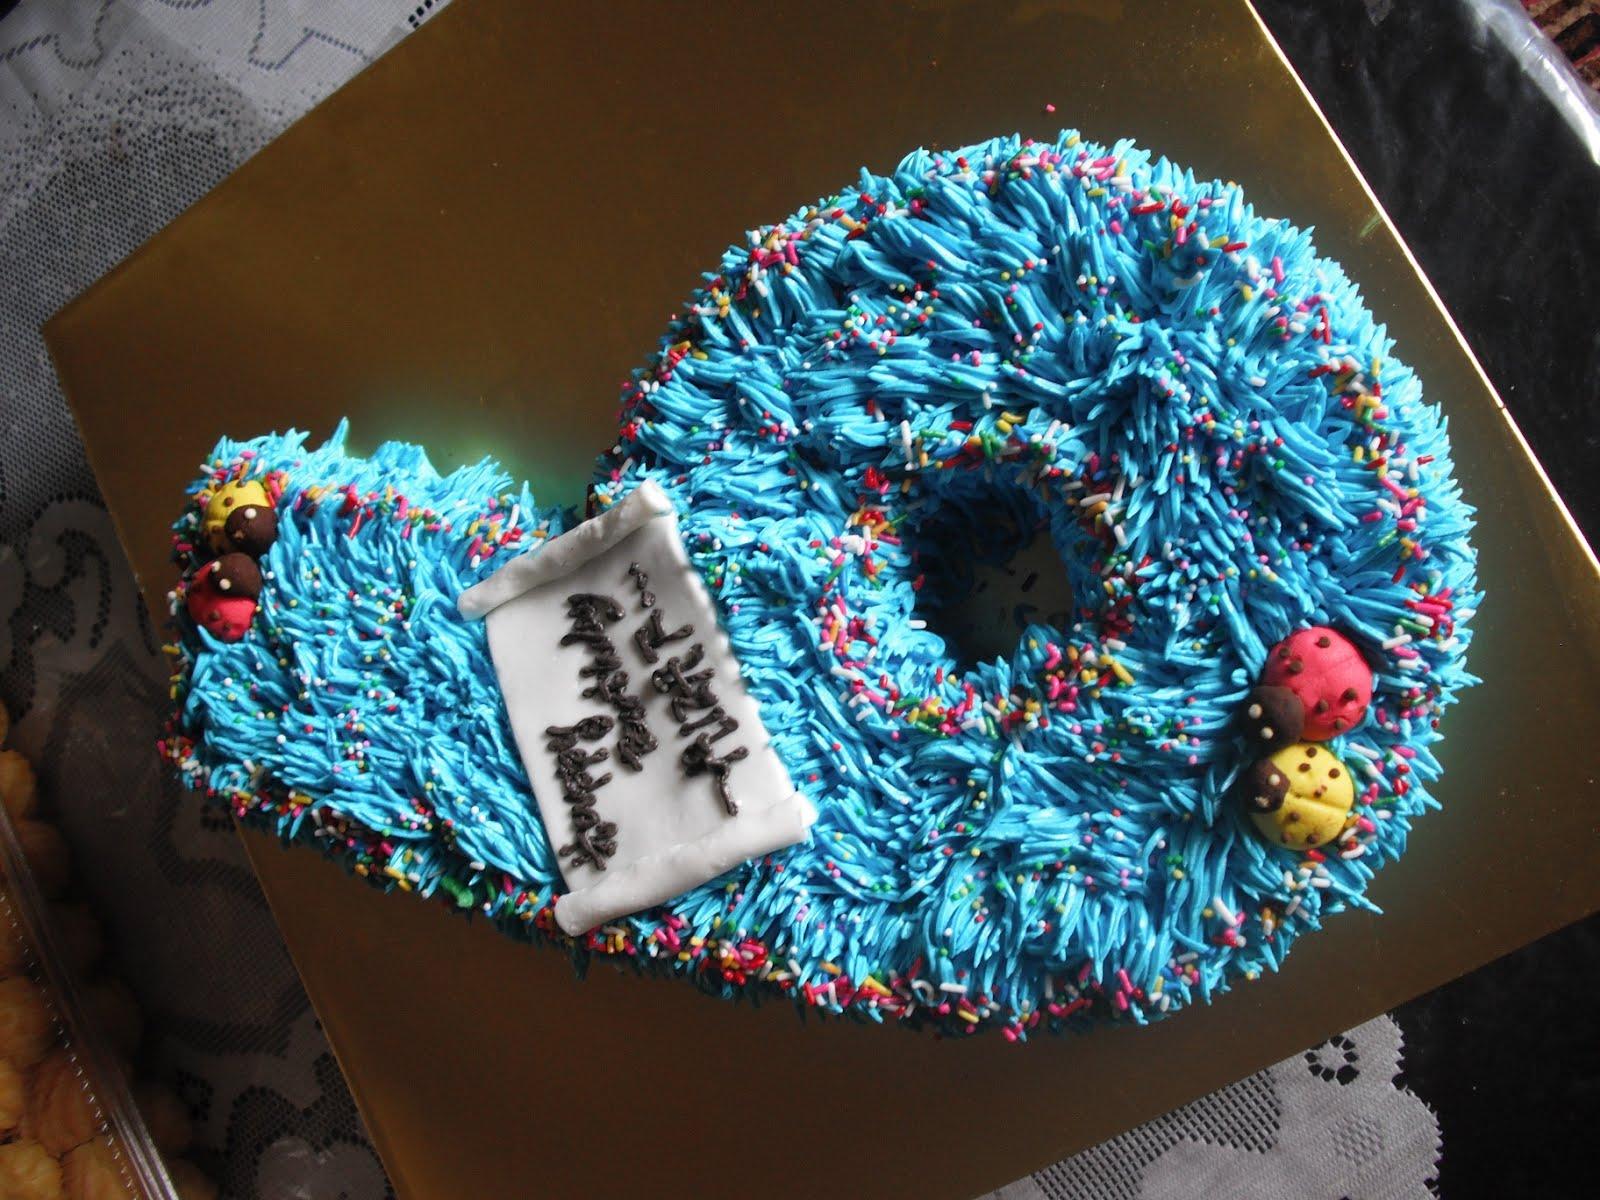 Farra Delight Mber 6 Birthday Cake